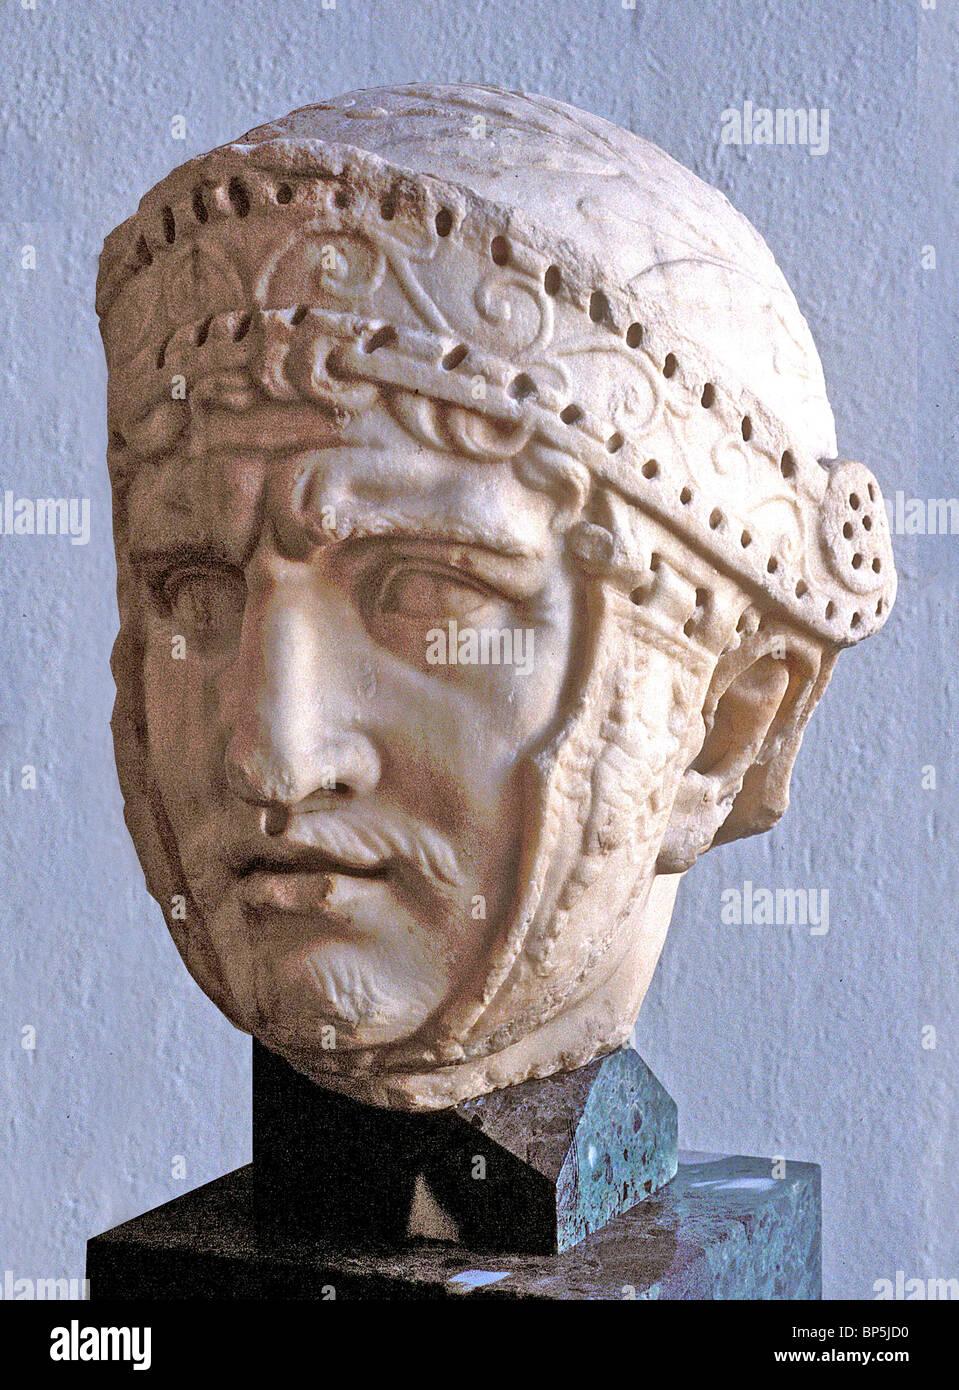 3761. Soldat romain avec casque Photo Stock